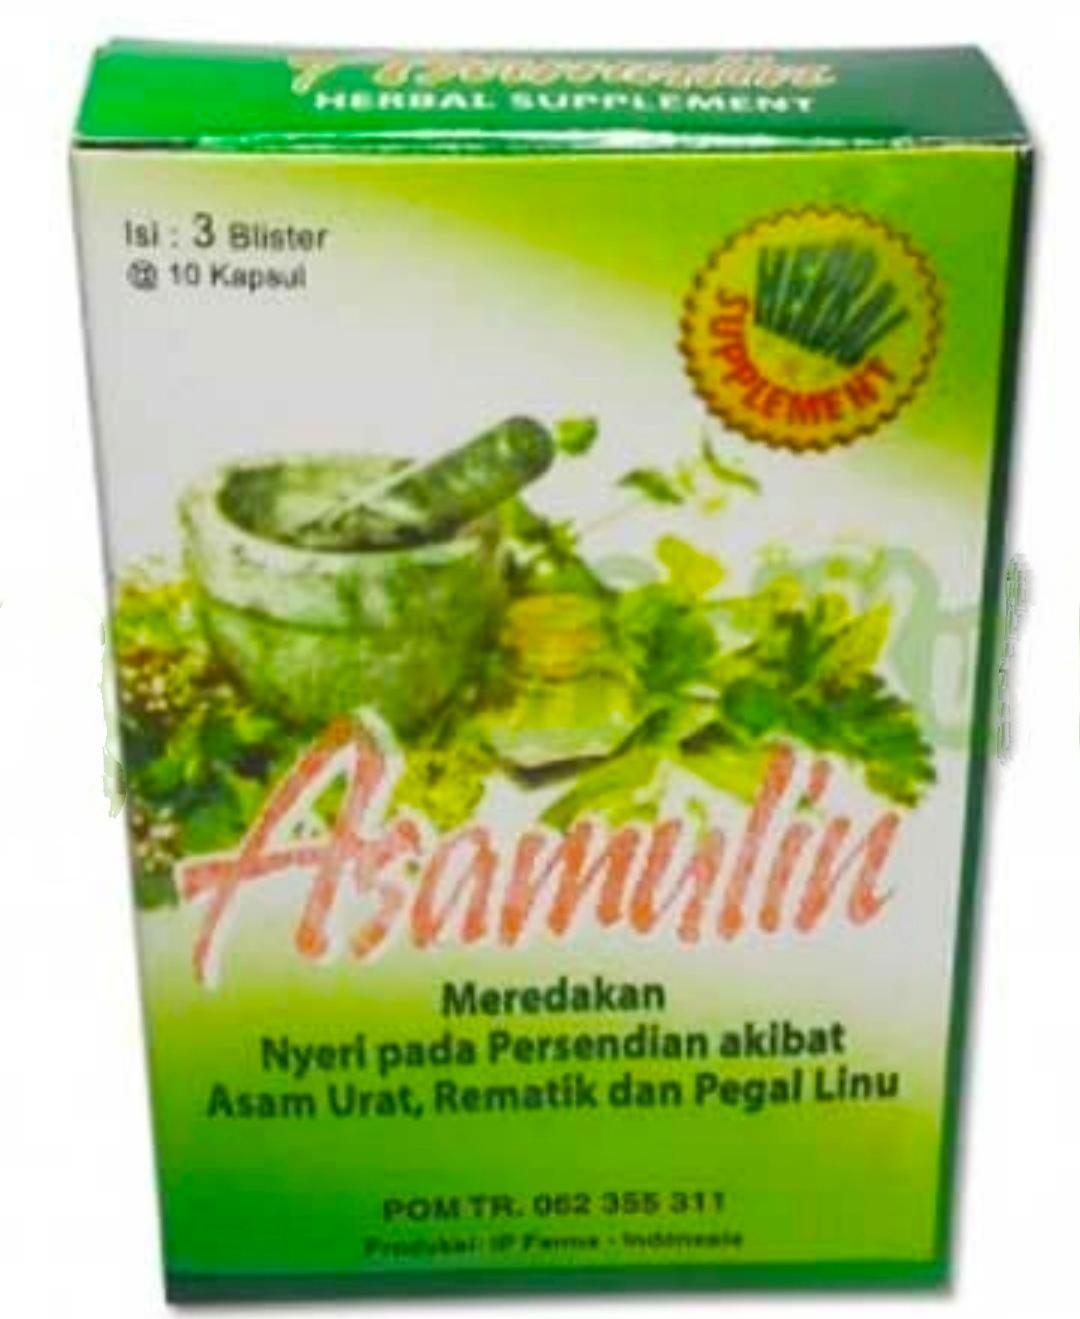 jual asamulin kapsul obat asam urat buatan ip farma di surabaya